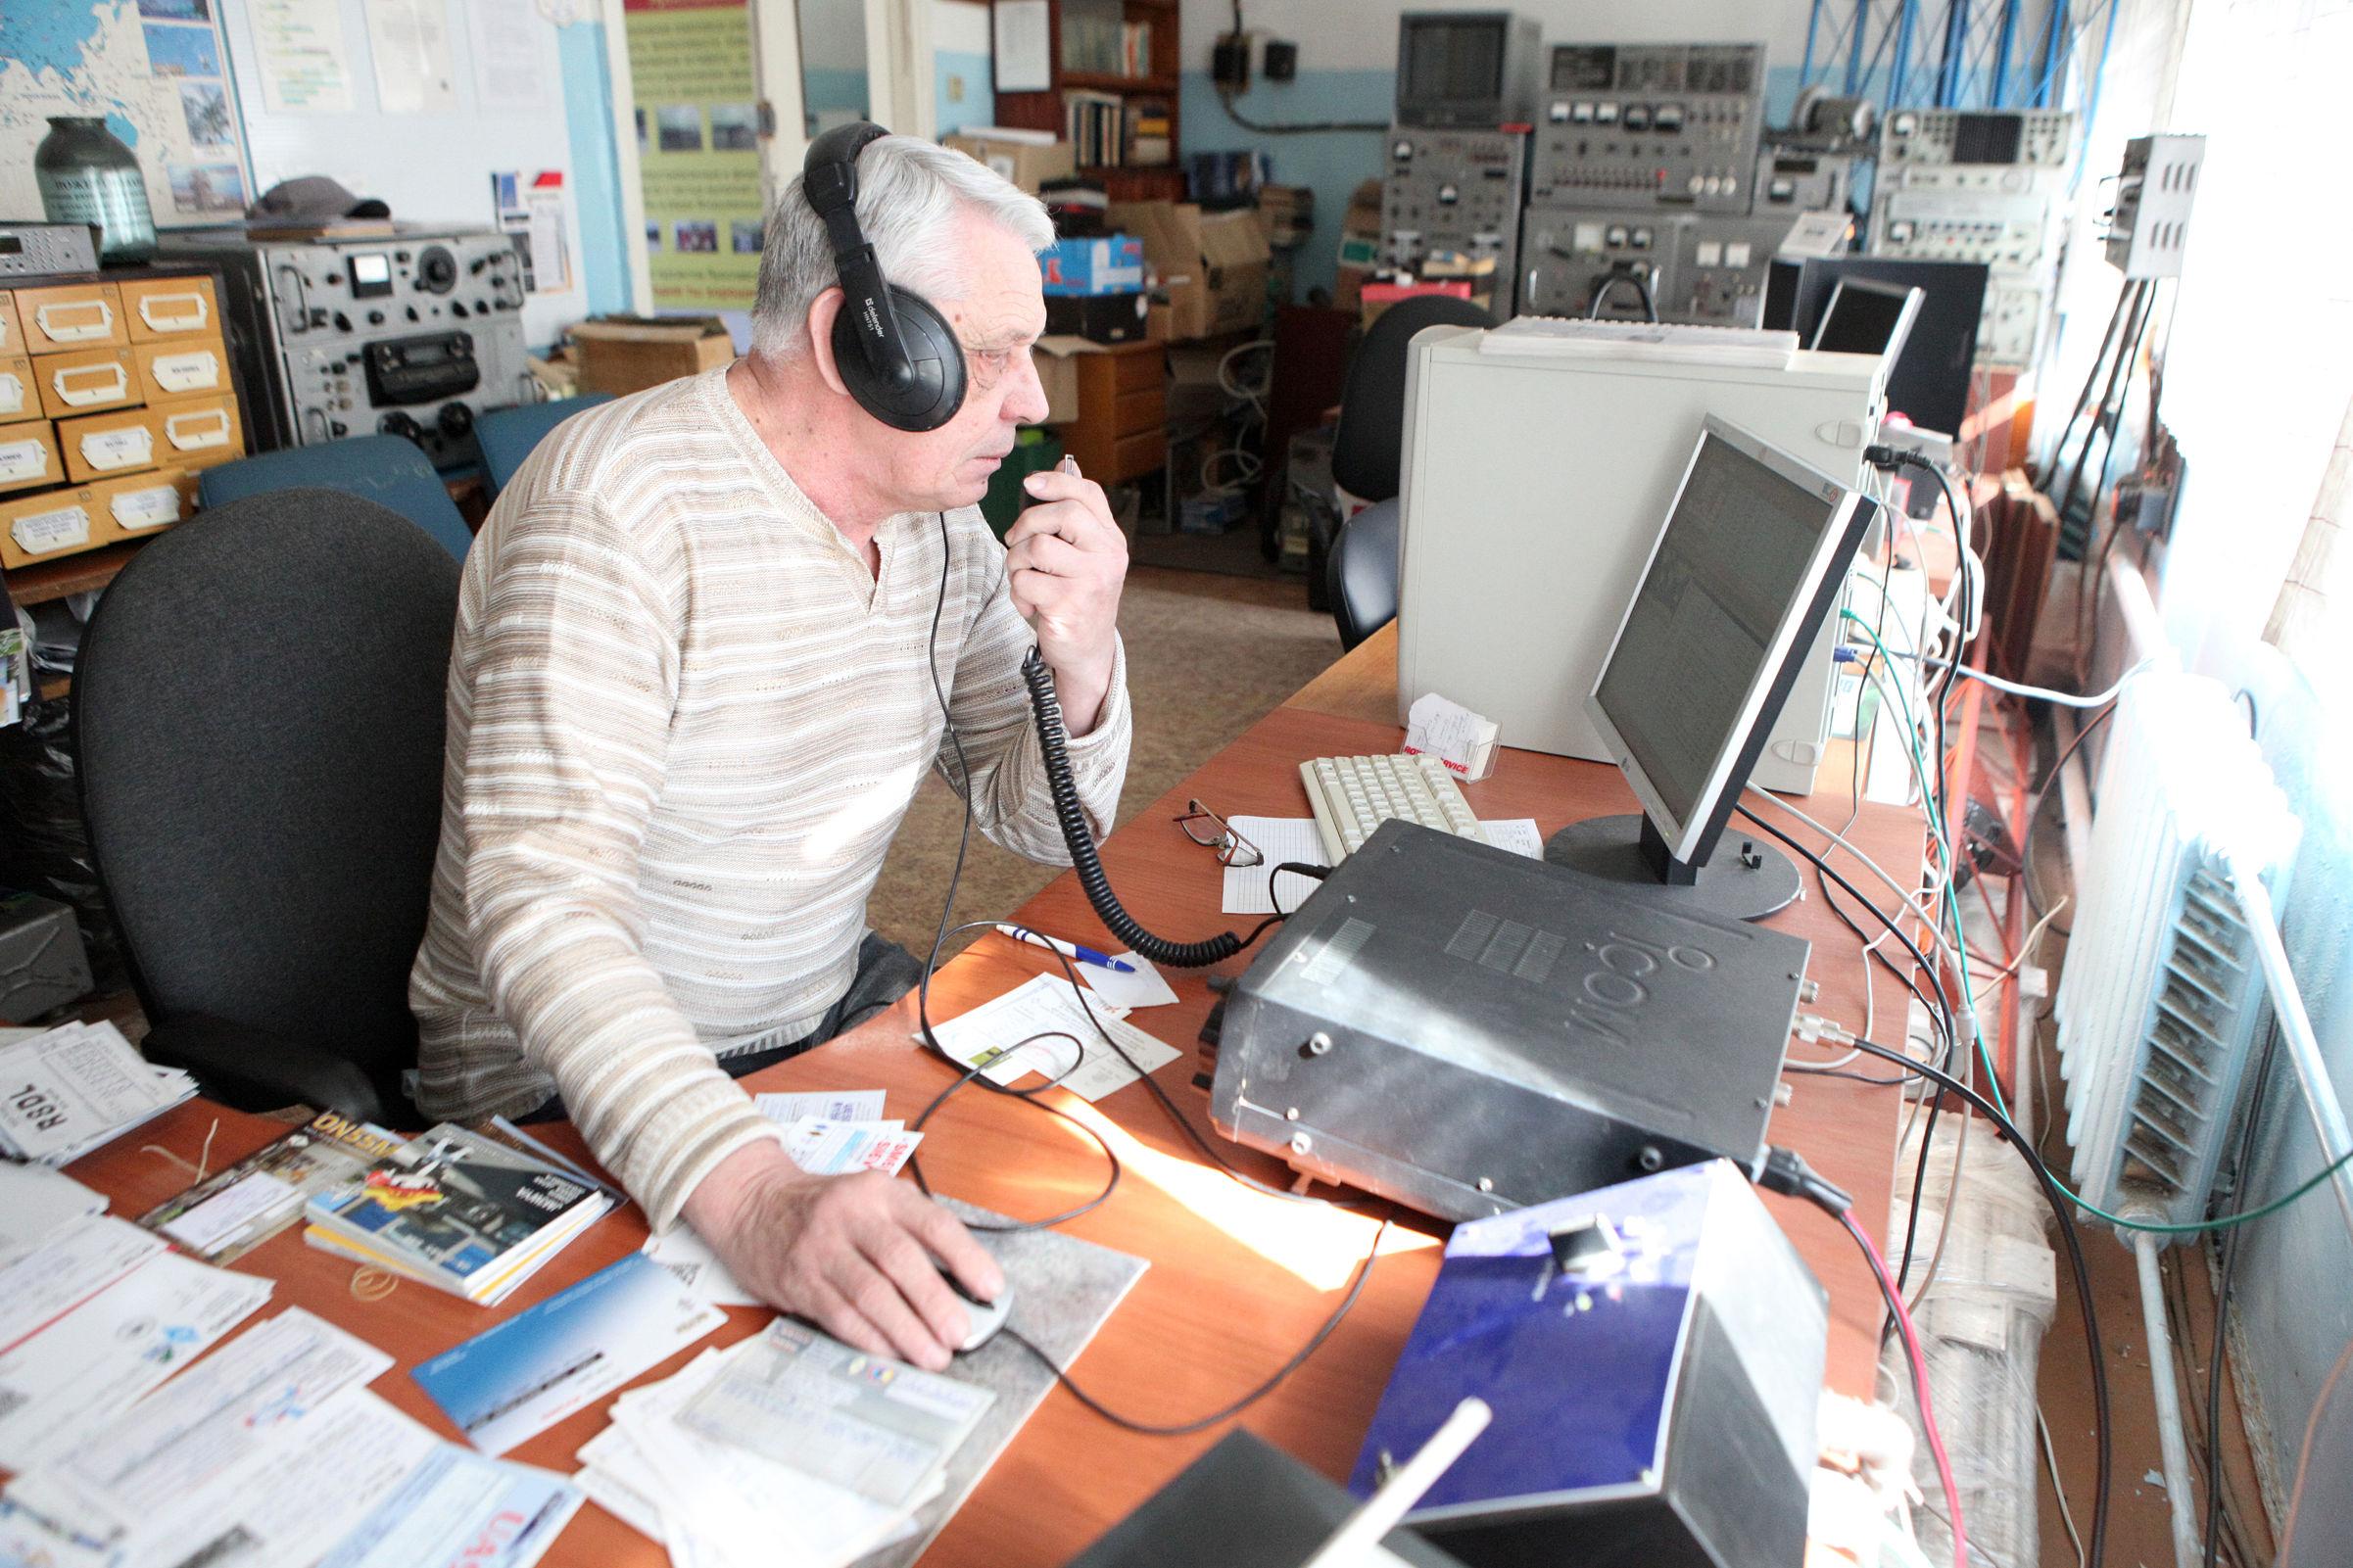 Память погибшего «Локомотива» в 10-летие гибели команды почтут в Ярославле работой специальной радиостанции